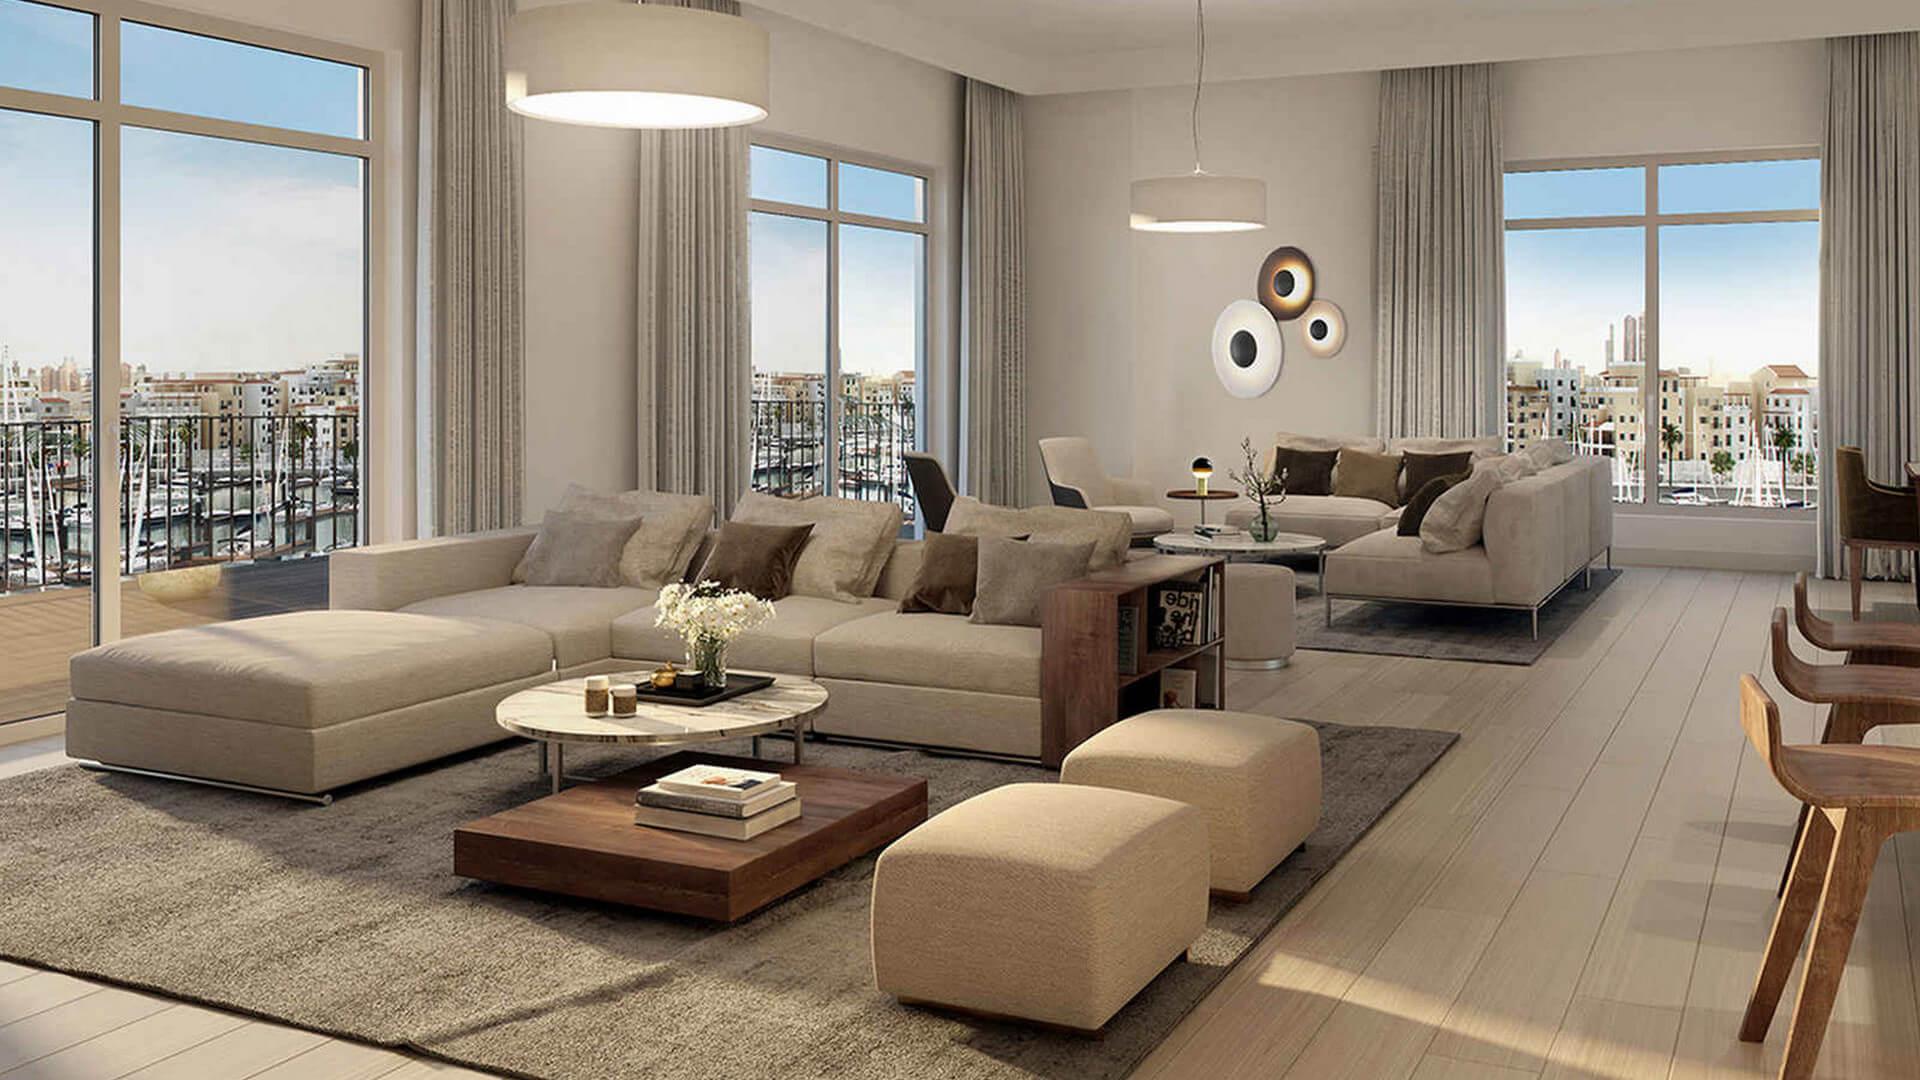 Apartamento en venta en Dubai, EAU, 2 dormitorios, 1374 m2, № 24261 – foto 1